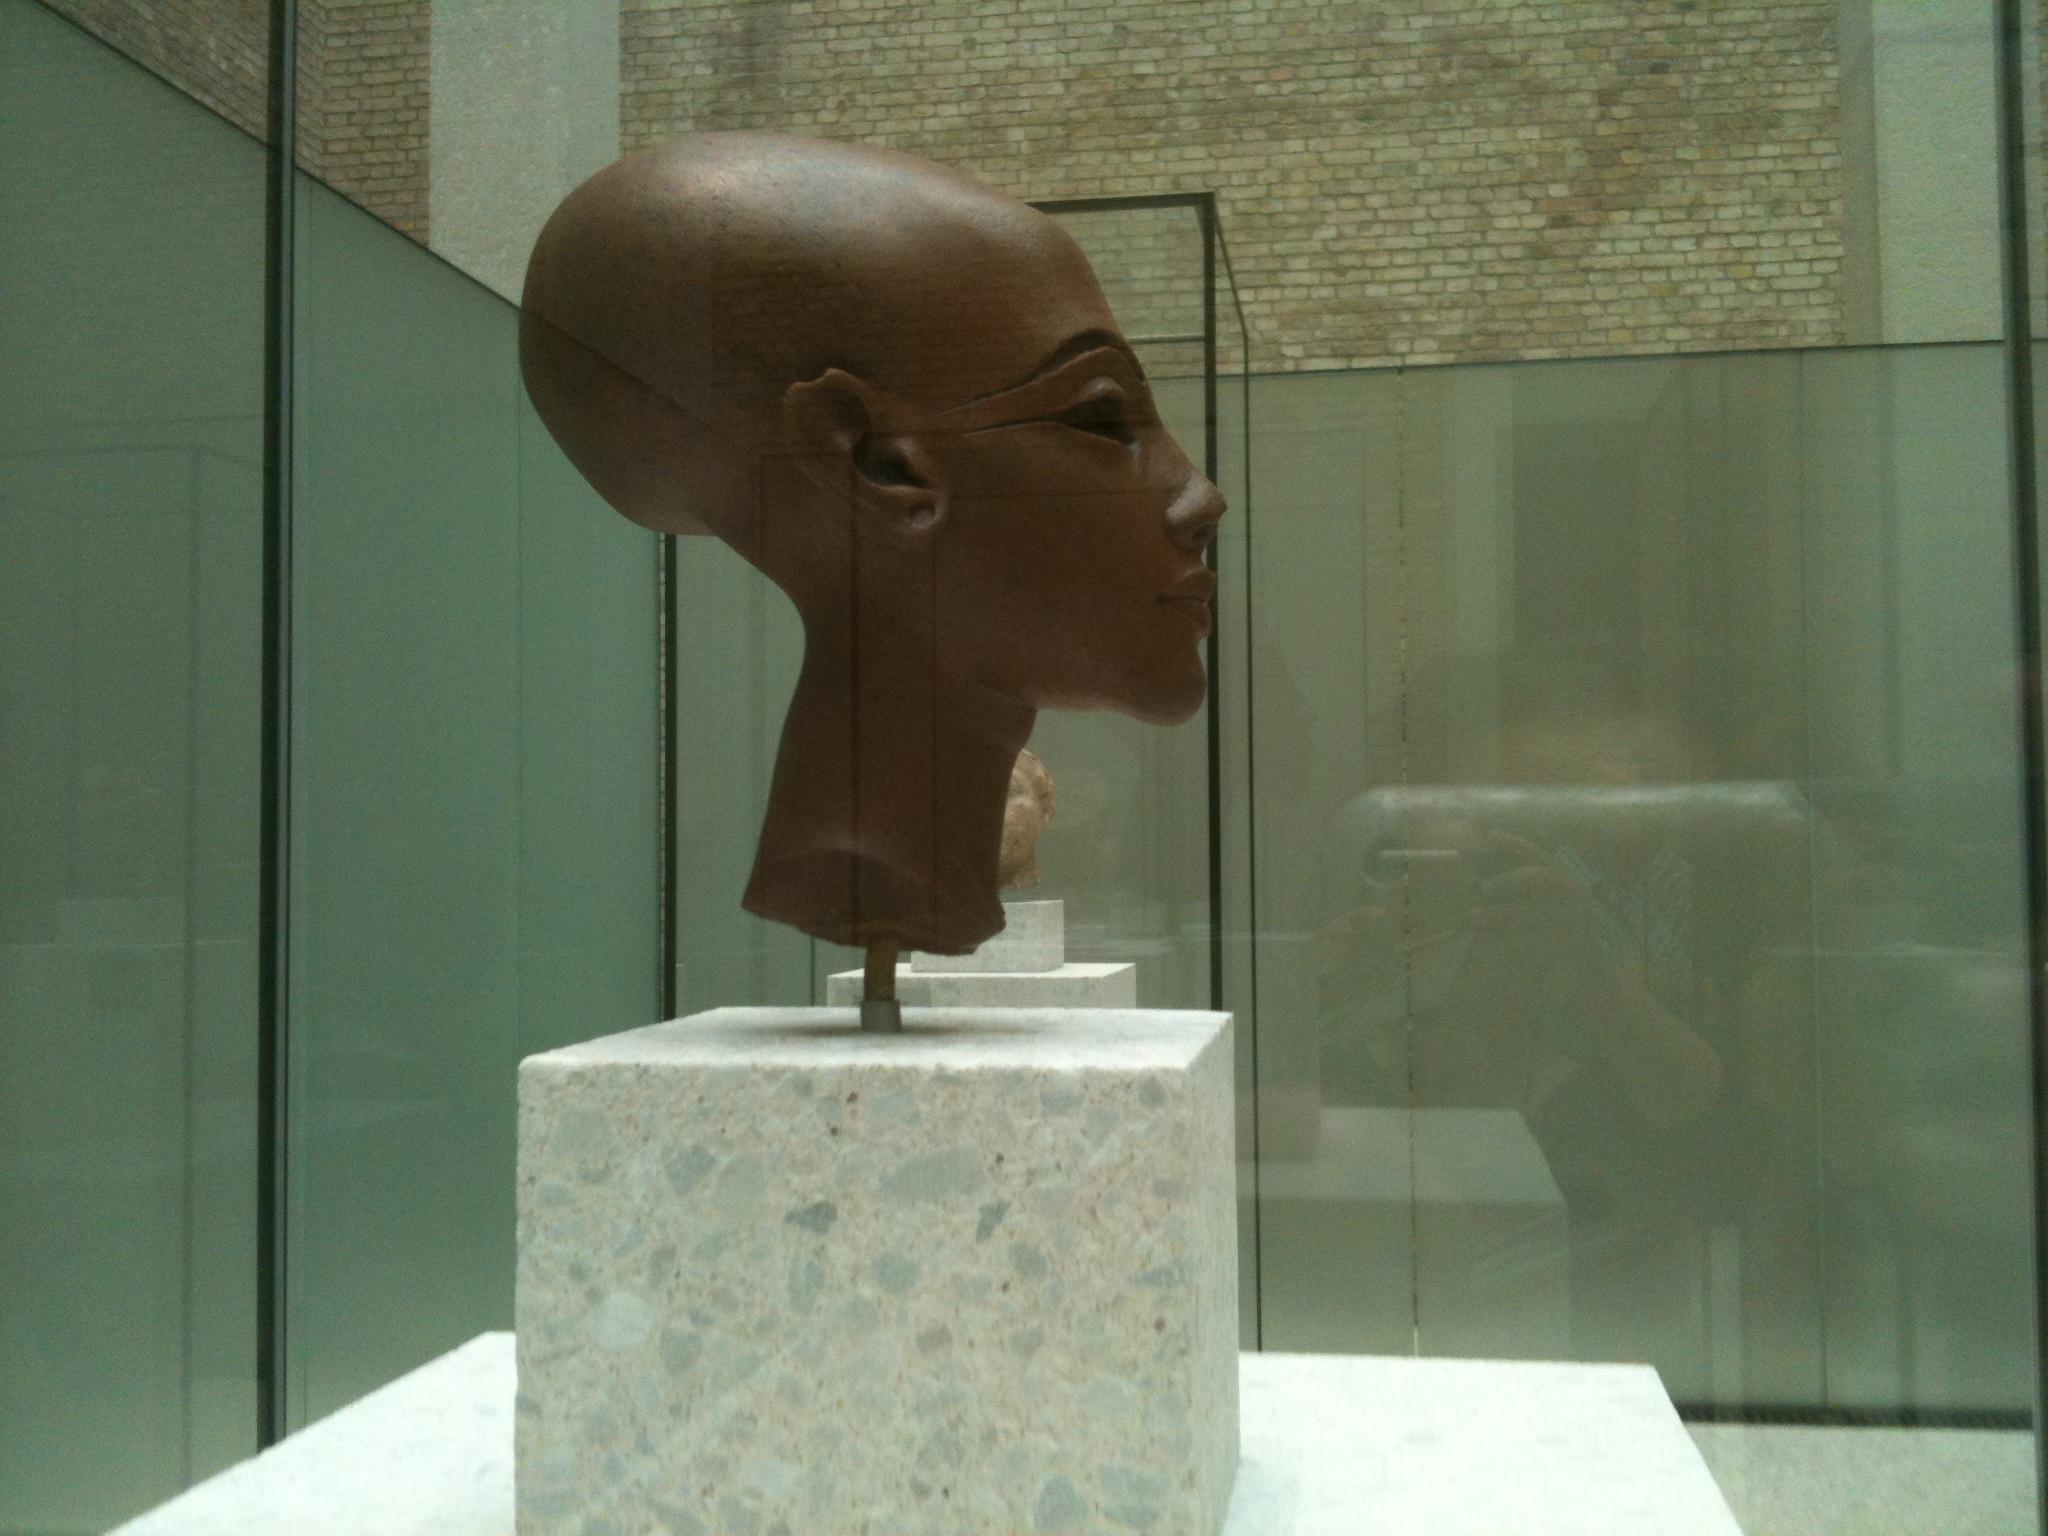 Busto Del Antiguo Egipto Publicaciones De La Consejer A # Muebles Egipcios